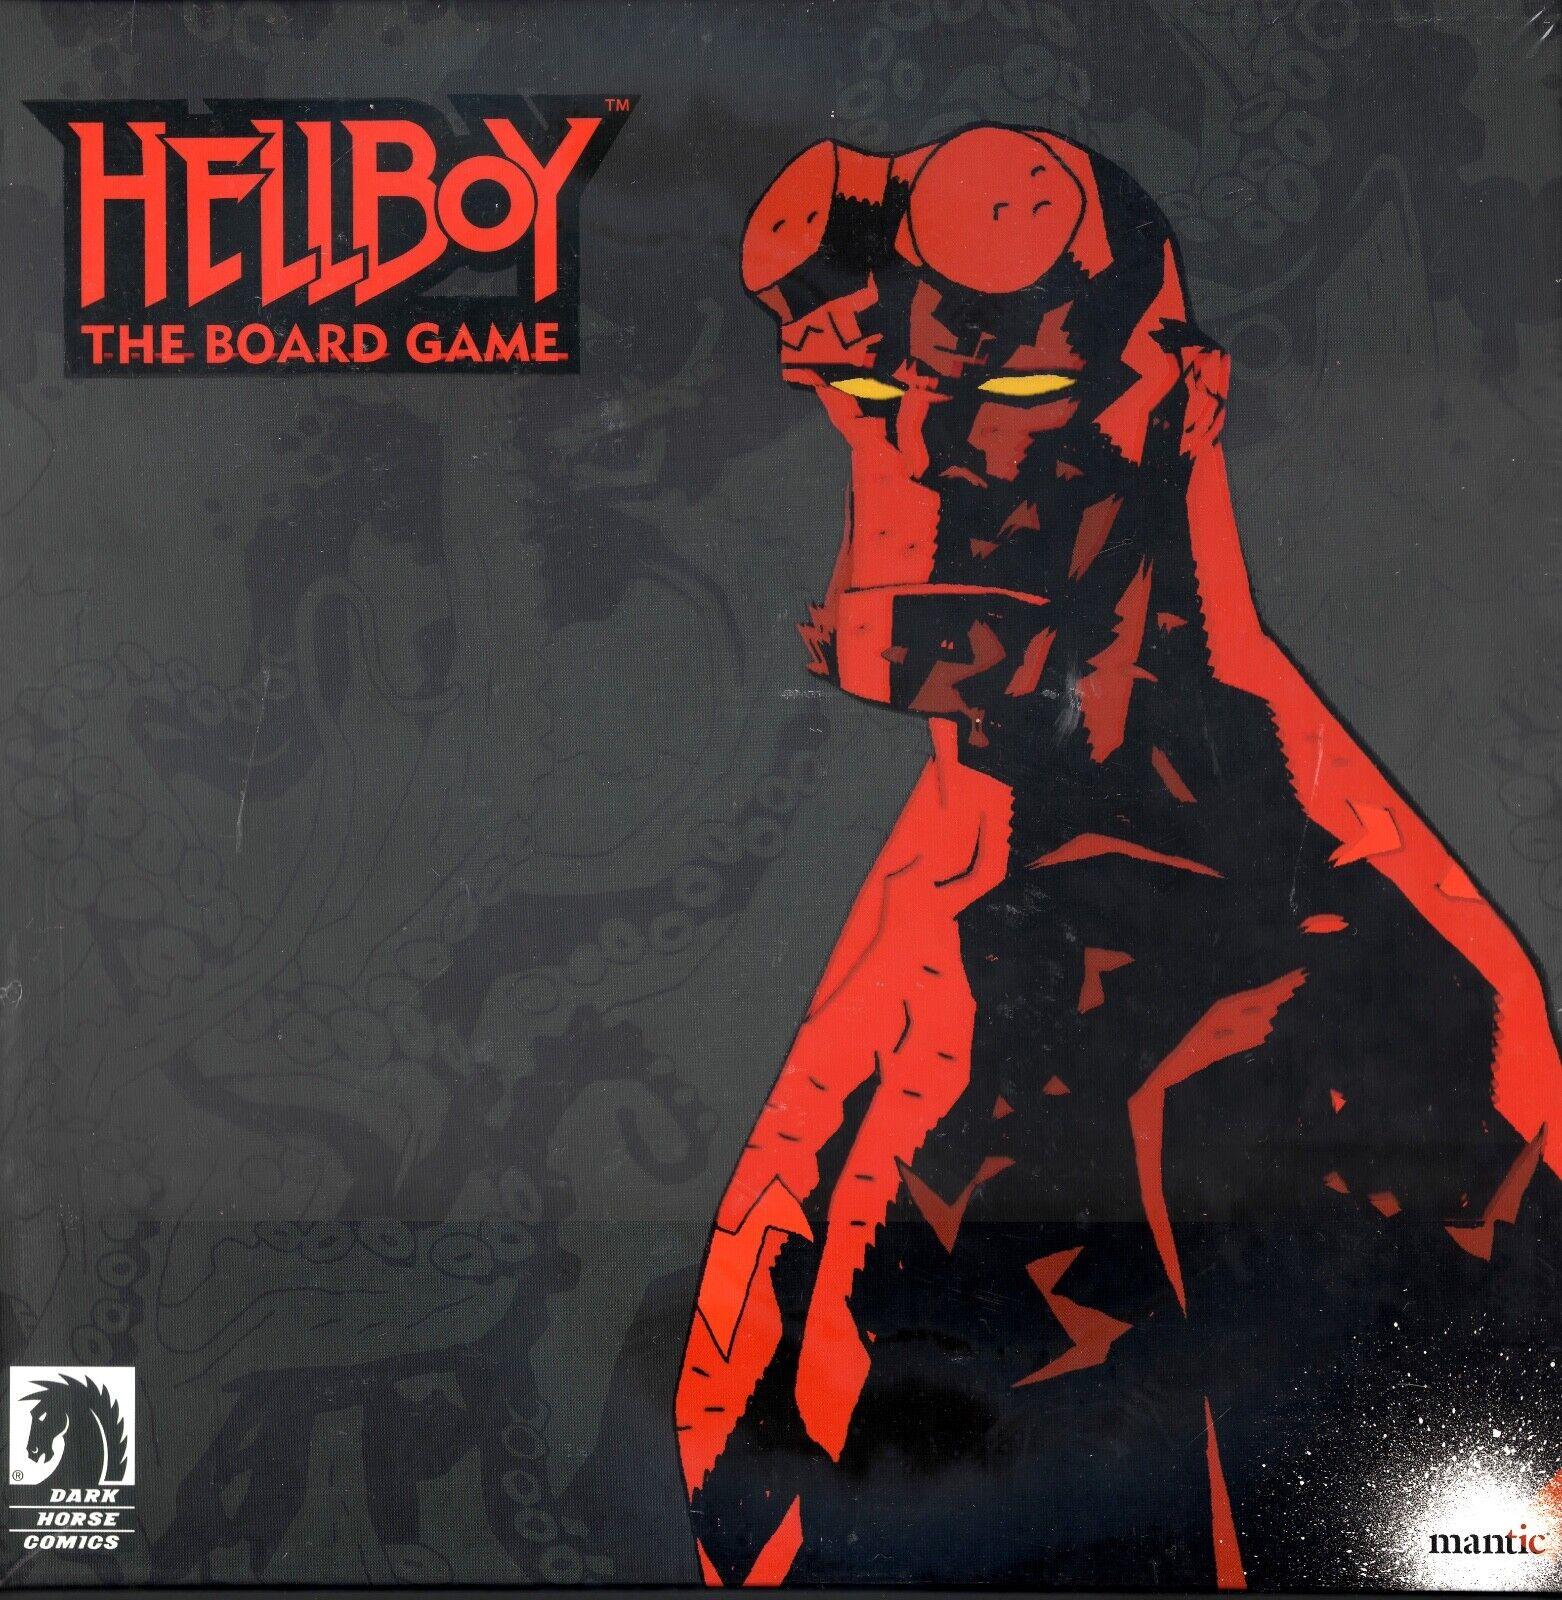 Mantic Juegos Hellboy El Juego de Tablero